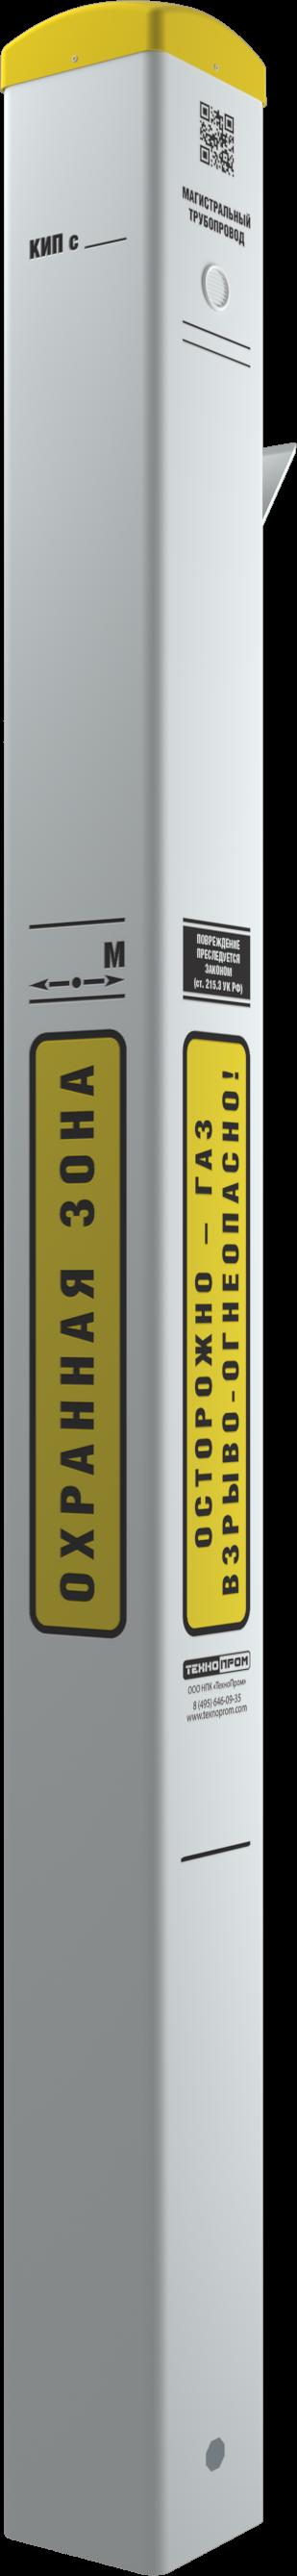 КИП.ПВЕК (сечение квадрат 200 мм)